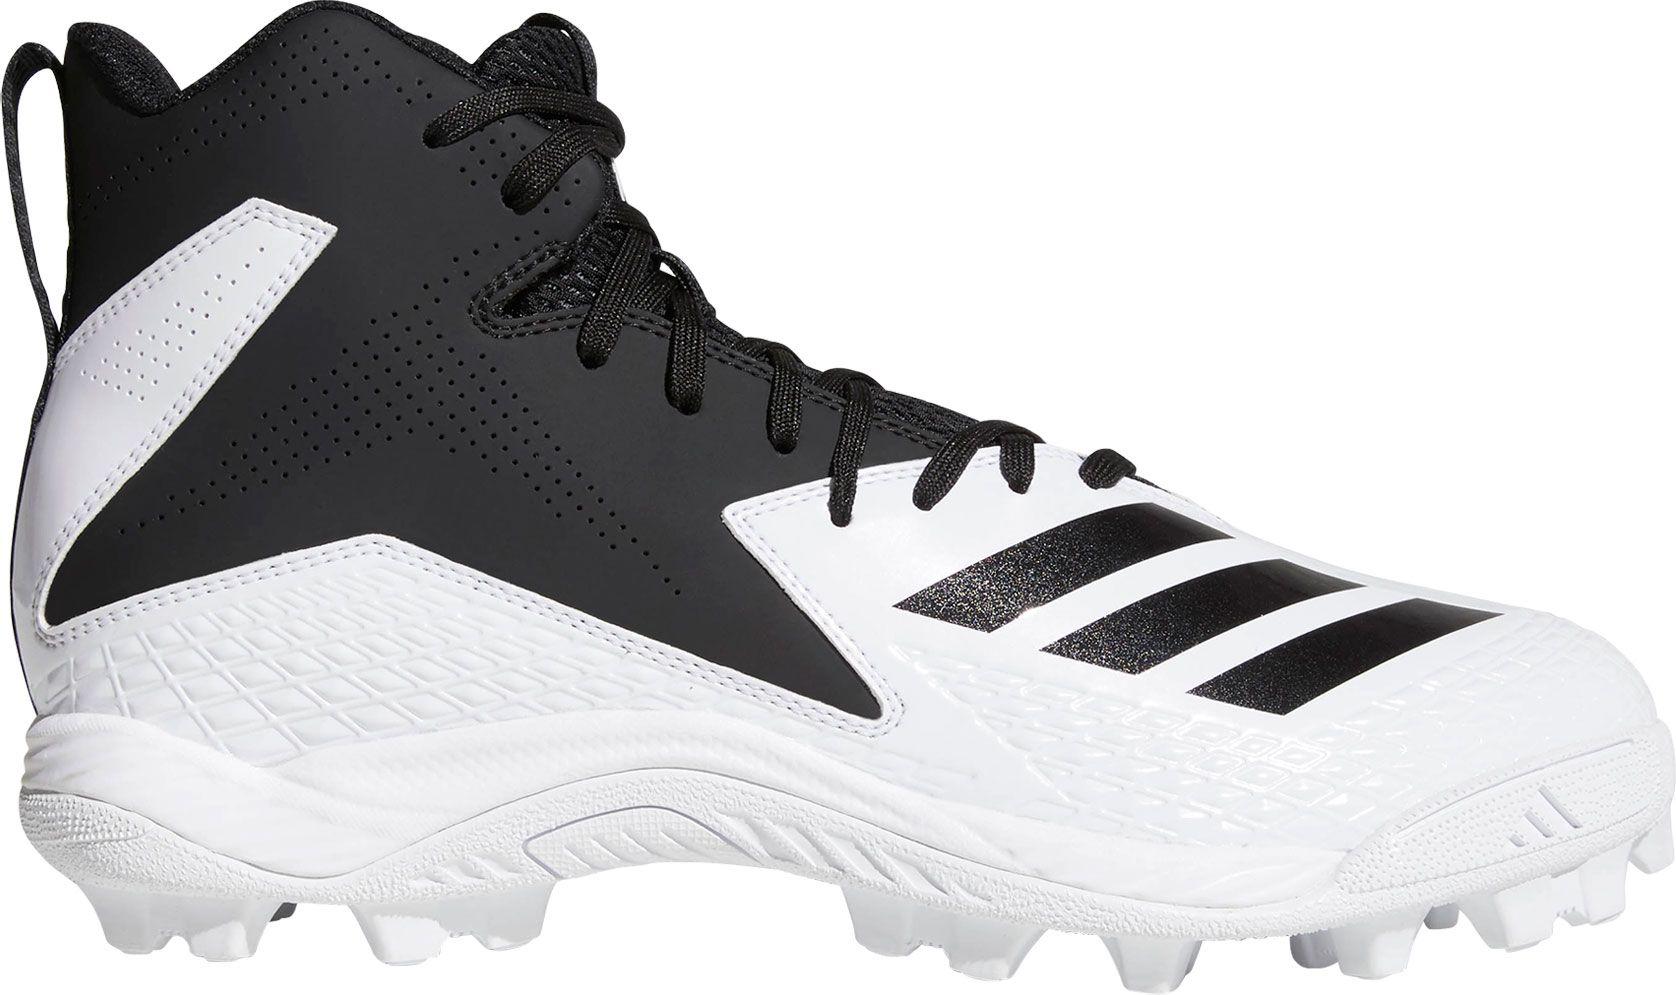 adidas uomini mostro metà md football coi tacchetti dick articoli sportivi